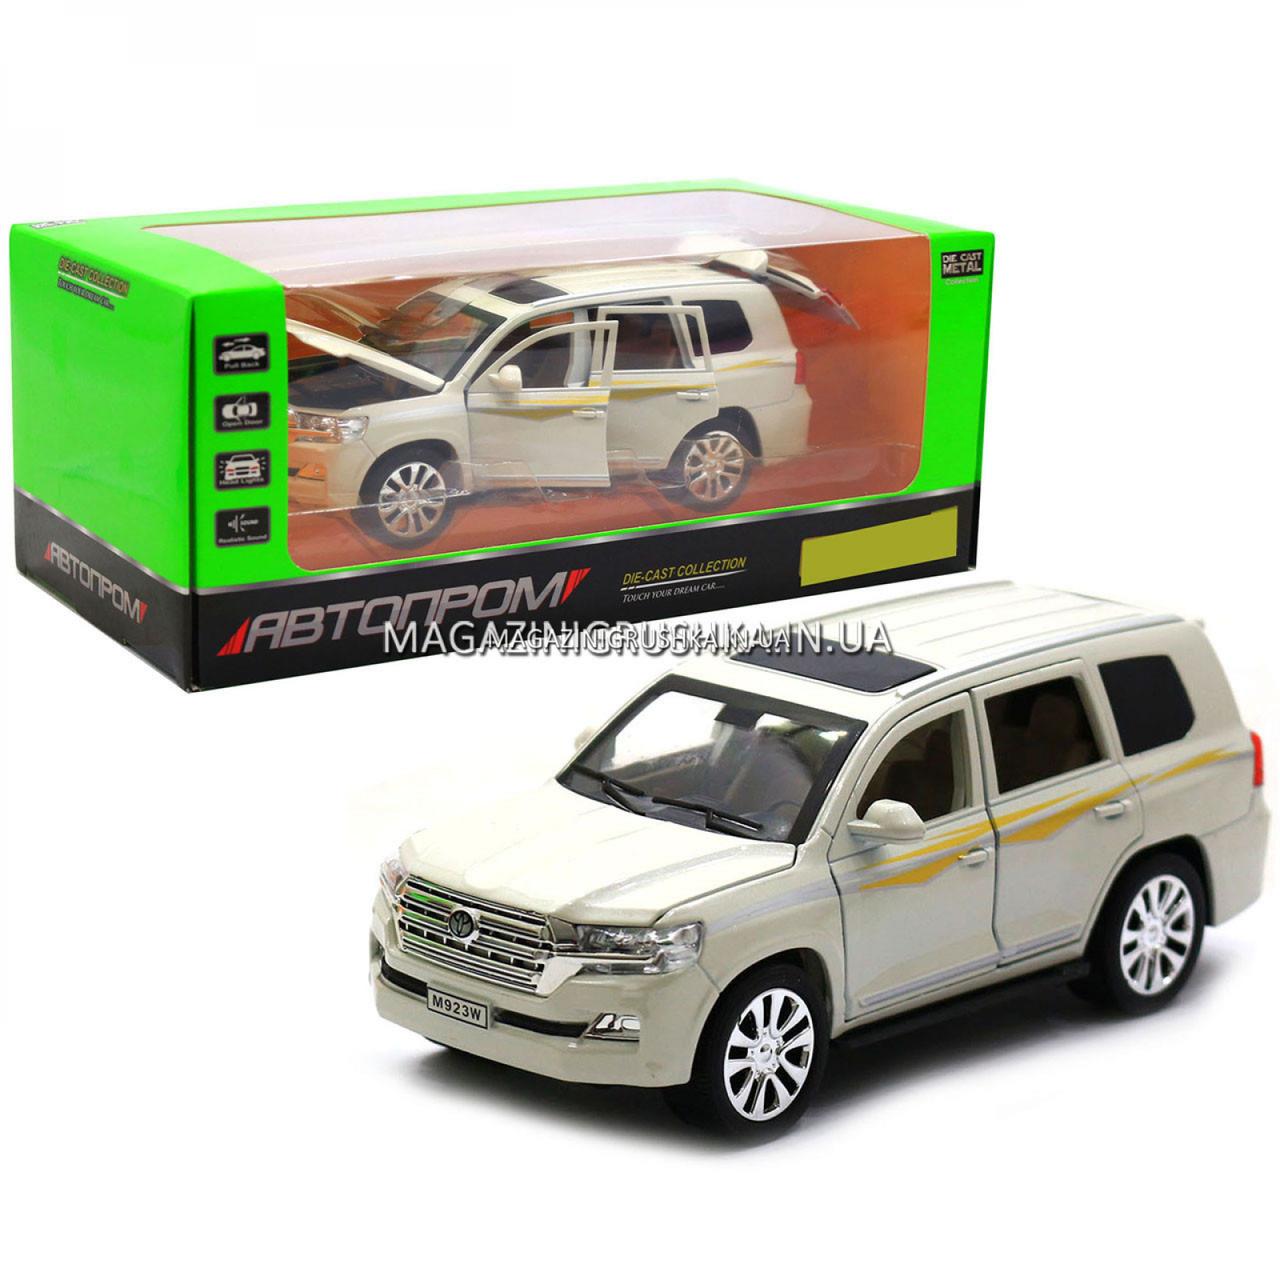 Машинка ігрова автопром «Toyota» Тойота джип, метал, 18 см, Білий (світло, звук, двері відкриваються) 7690